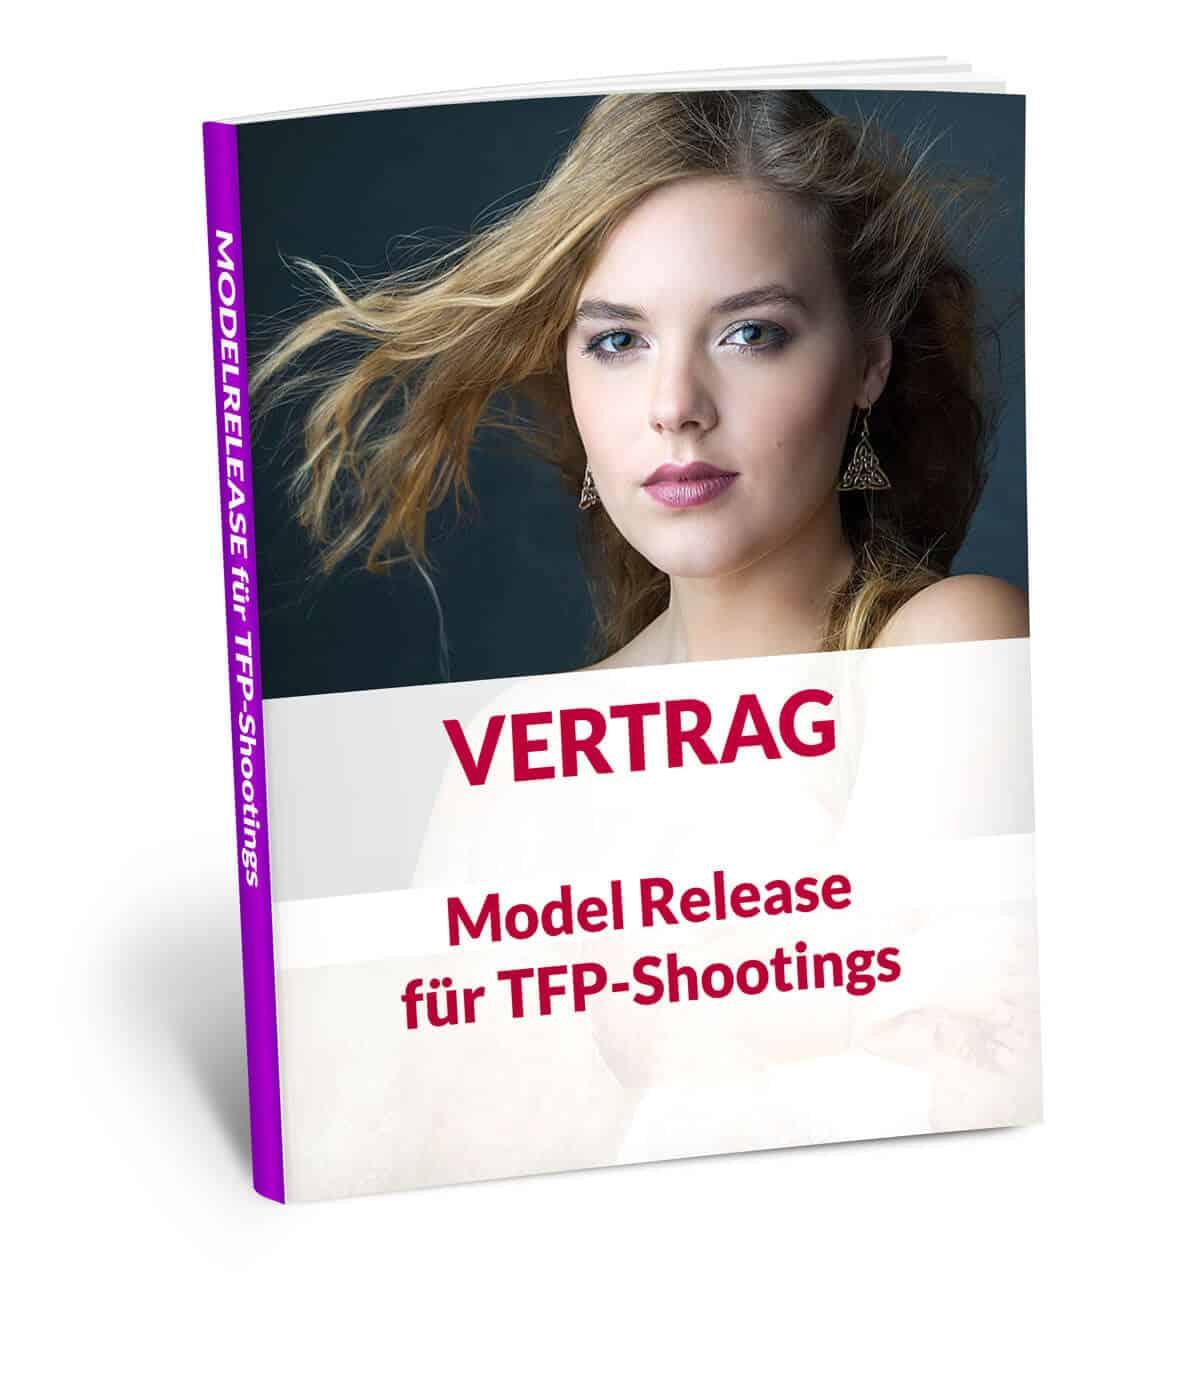 Tfp Vertrag Vorlage Dsgvo Model Release Muster Diefotomanufaktur